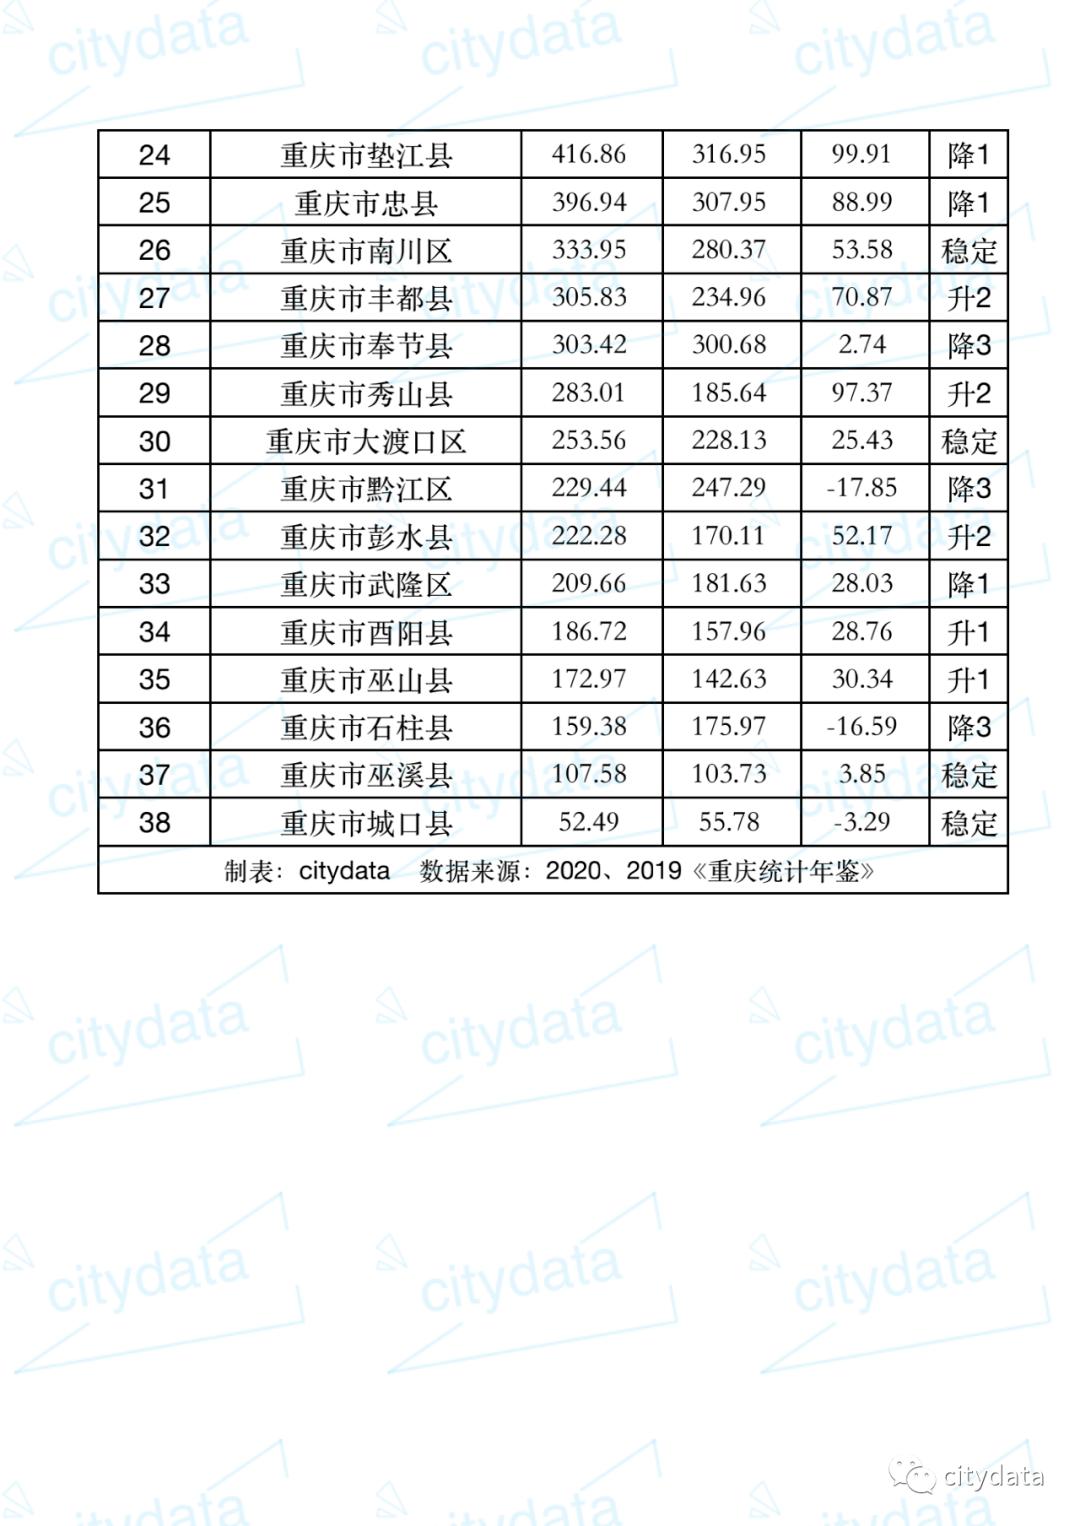 2019各县gdp_2019年度贵州省县市区人均GDP排名仁怀市超20万元居第一